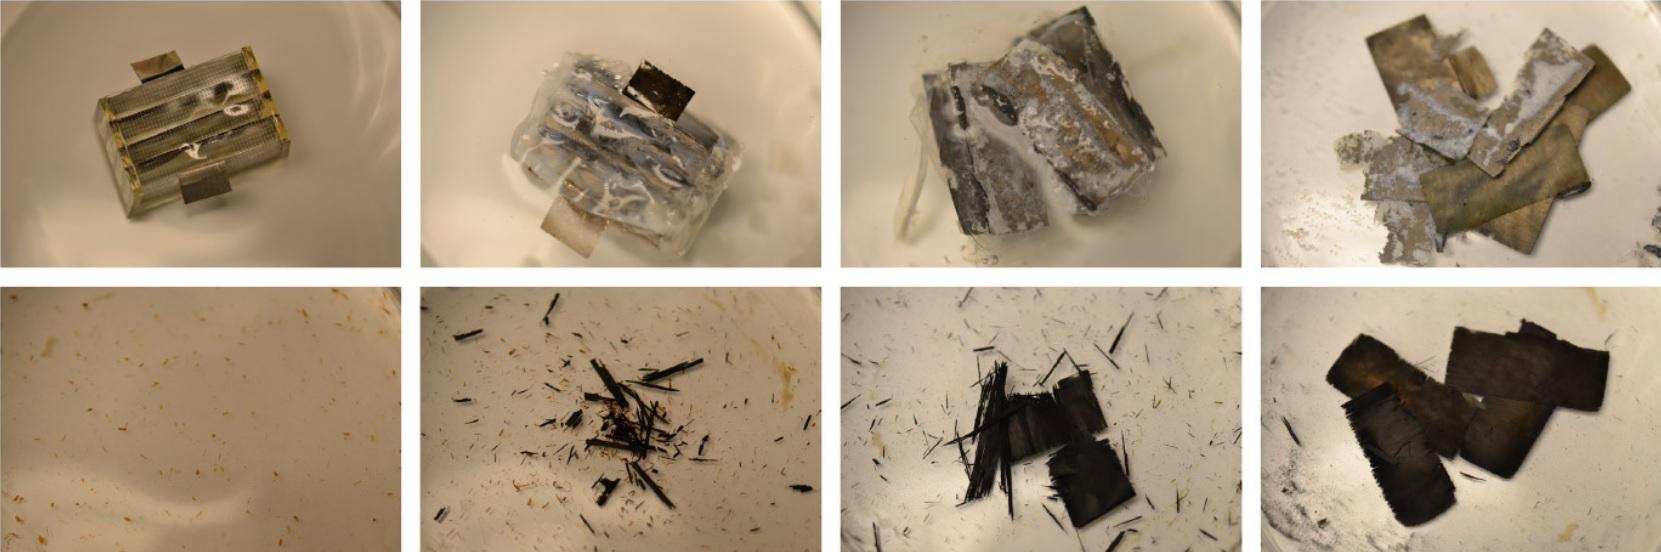 Crean baterías biodegradables que se disuelven en el interior del cuerpo humano